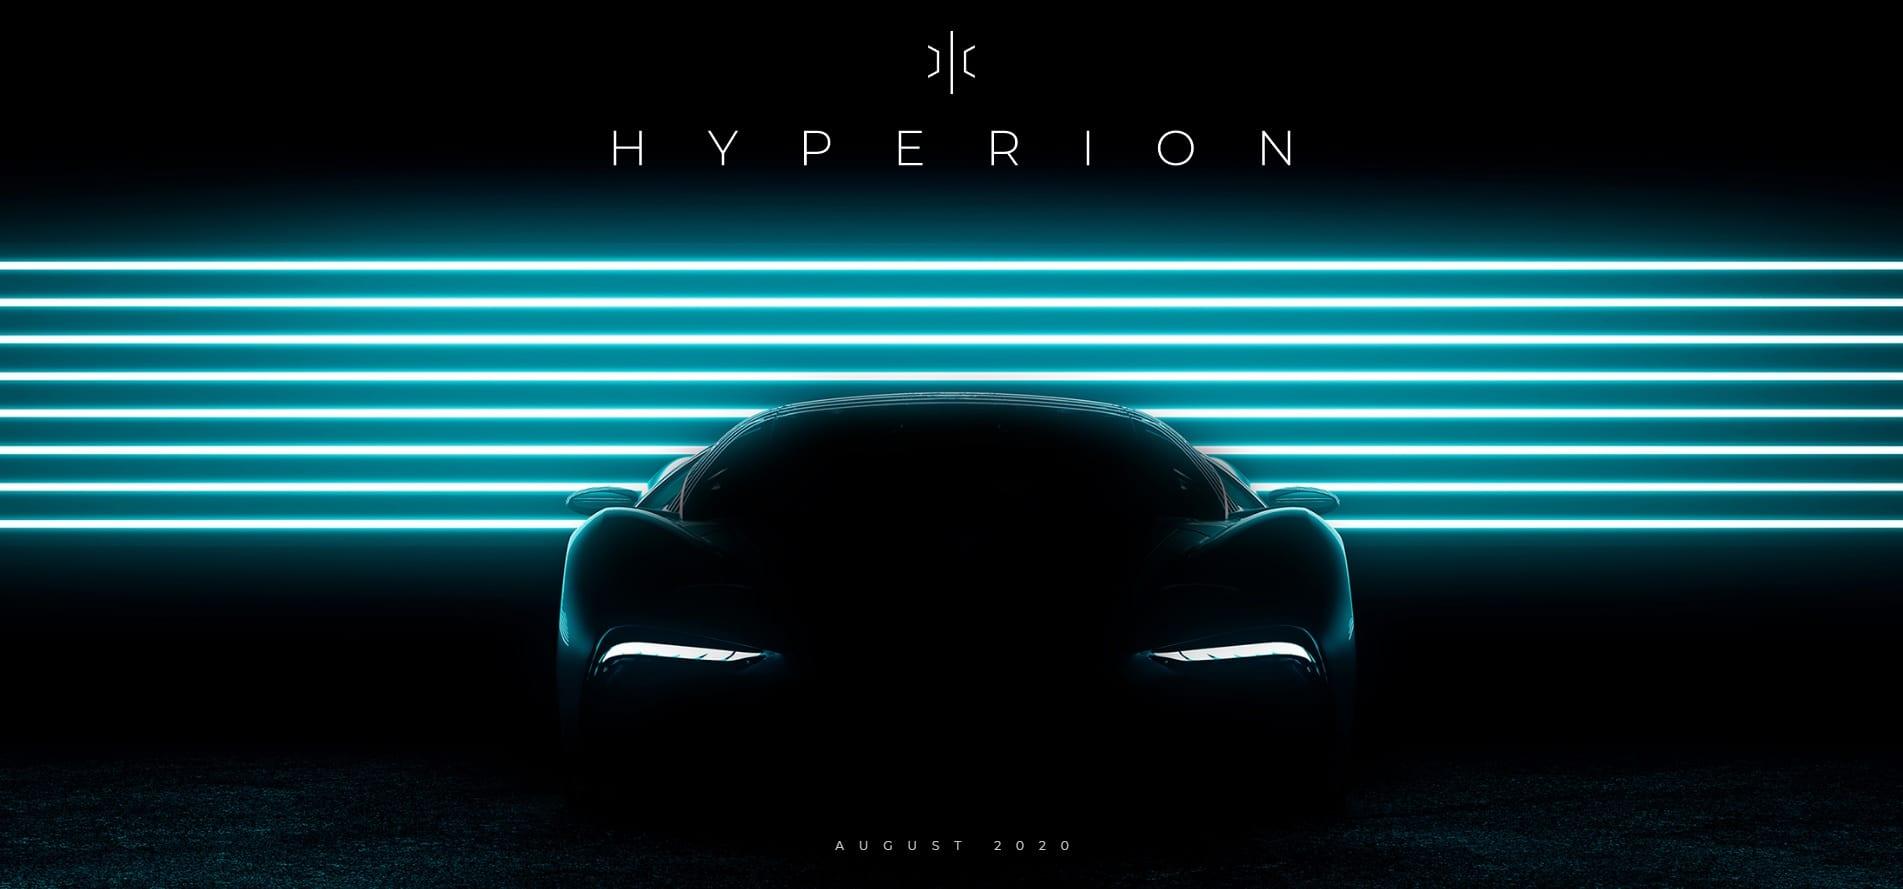 hyperion teaser